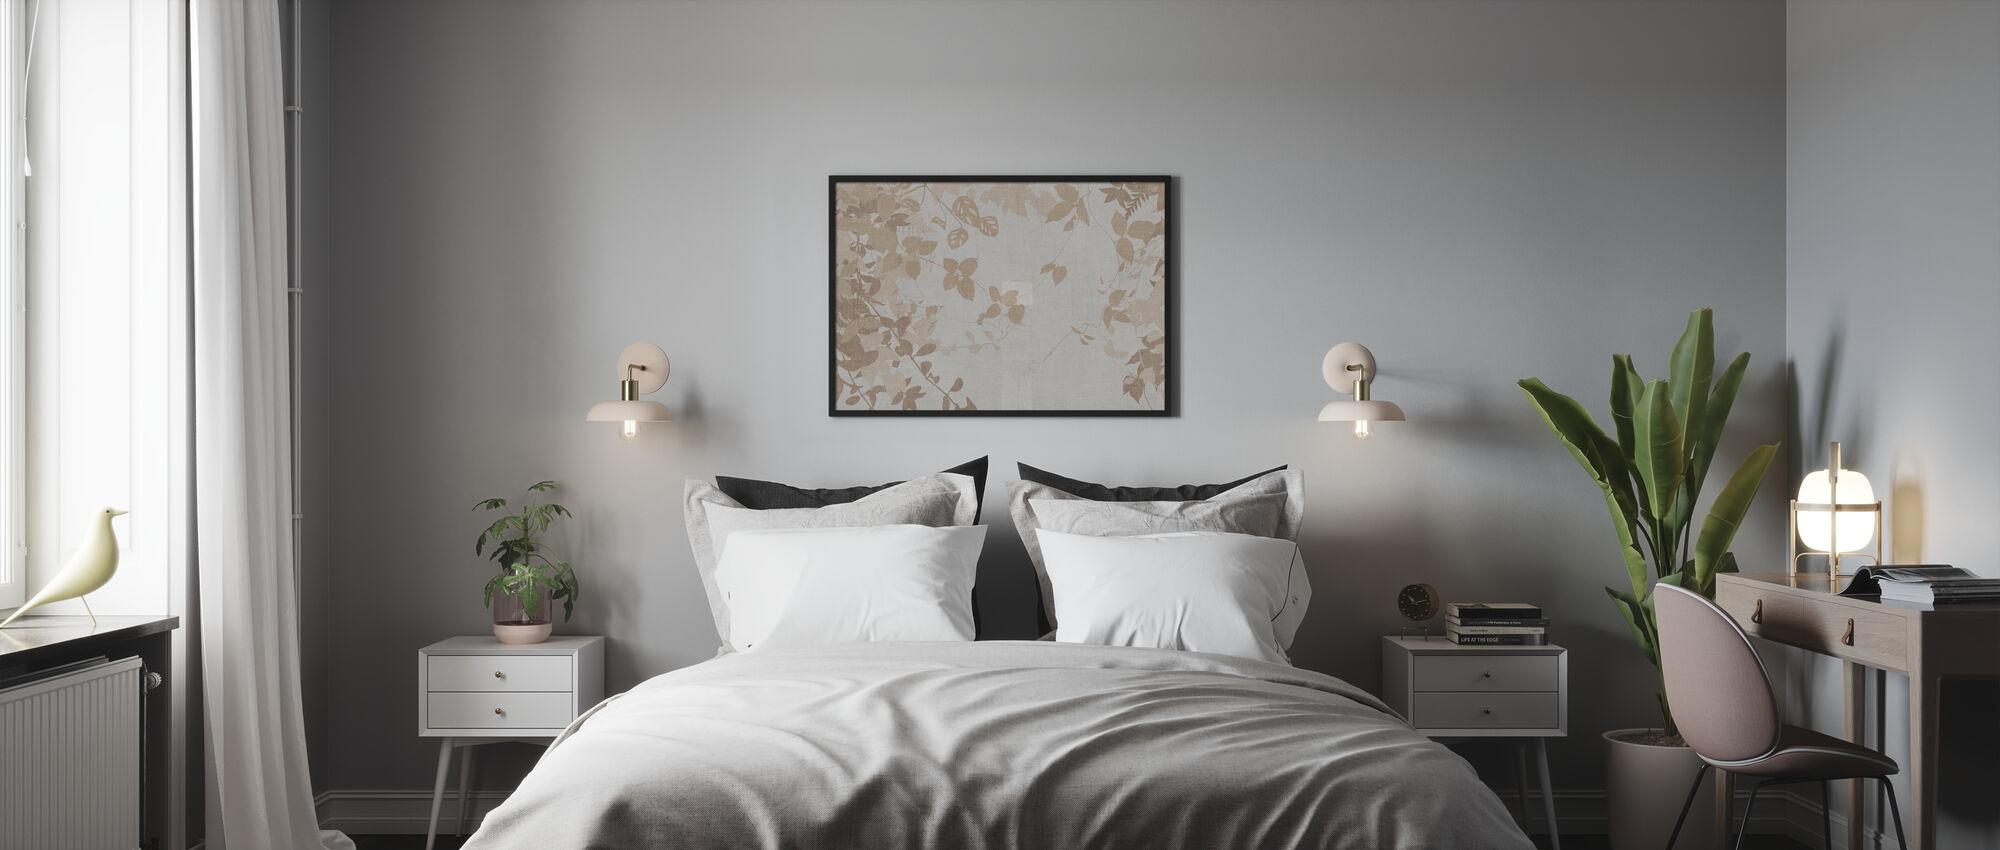 Efeu Forest - Braun - Poster - Schlafzimmer